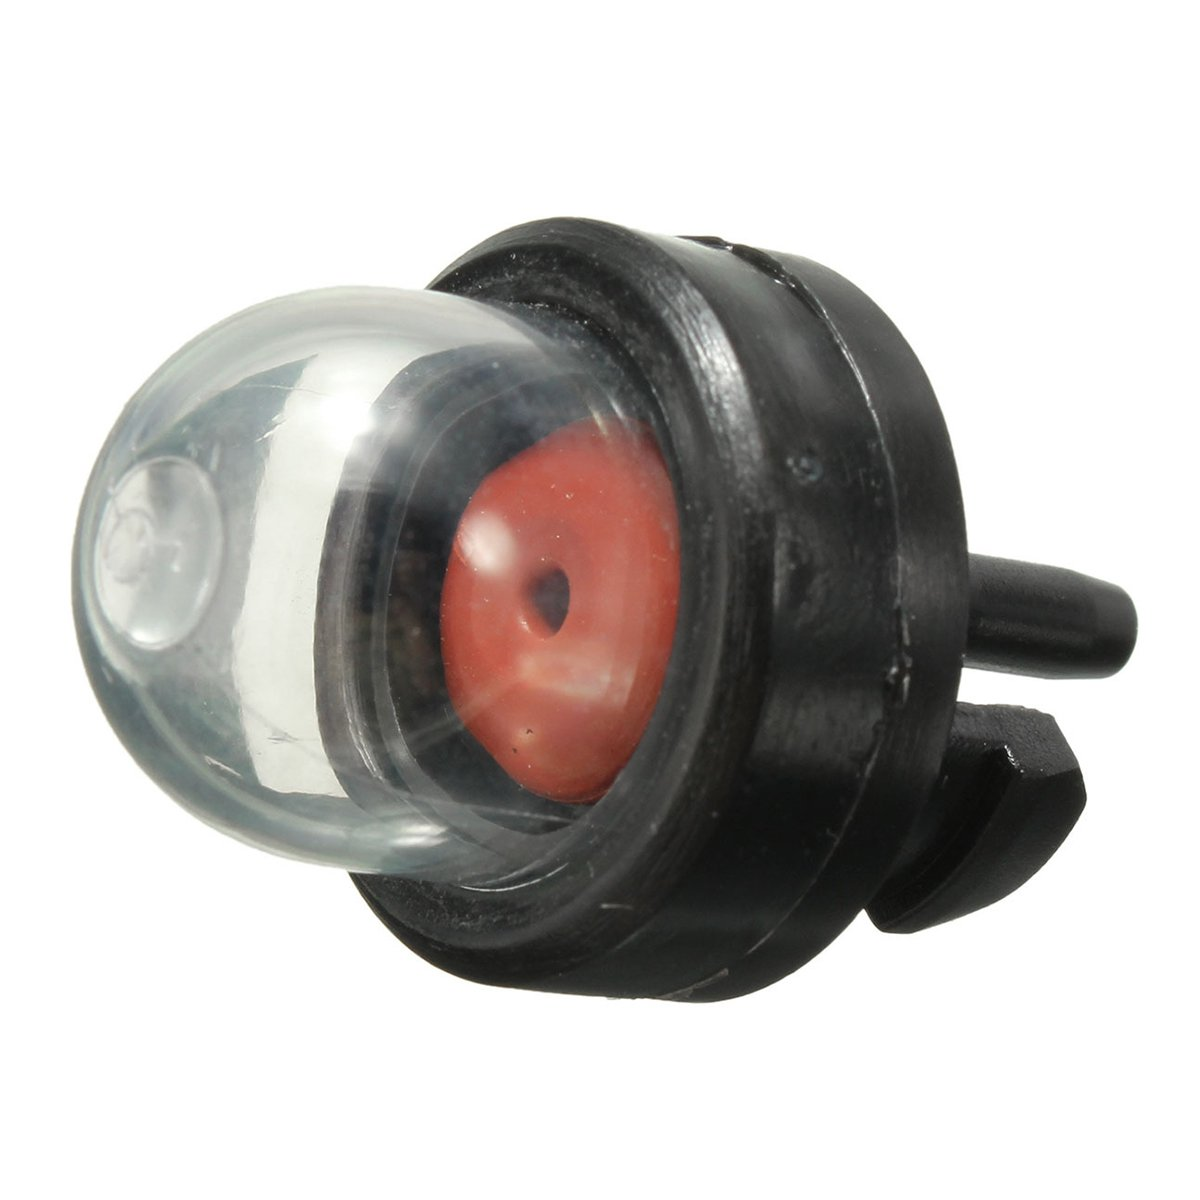 Yardwe 4 Unids Carburador Primer Bombilla De Pl/ástico Bomba De Combustible Carburador Primer Bombilla para Cortadora de setos Motosierra M/áquina para Recoger setos